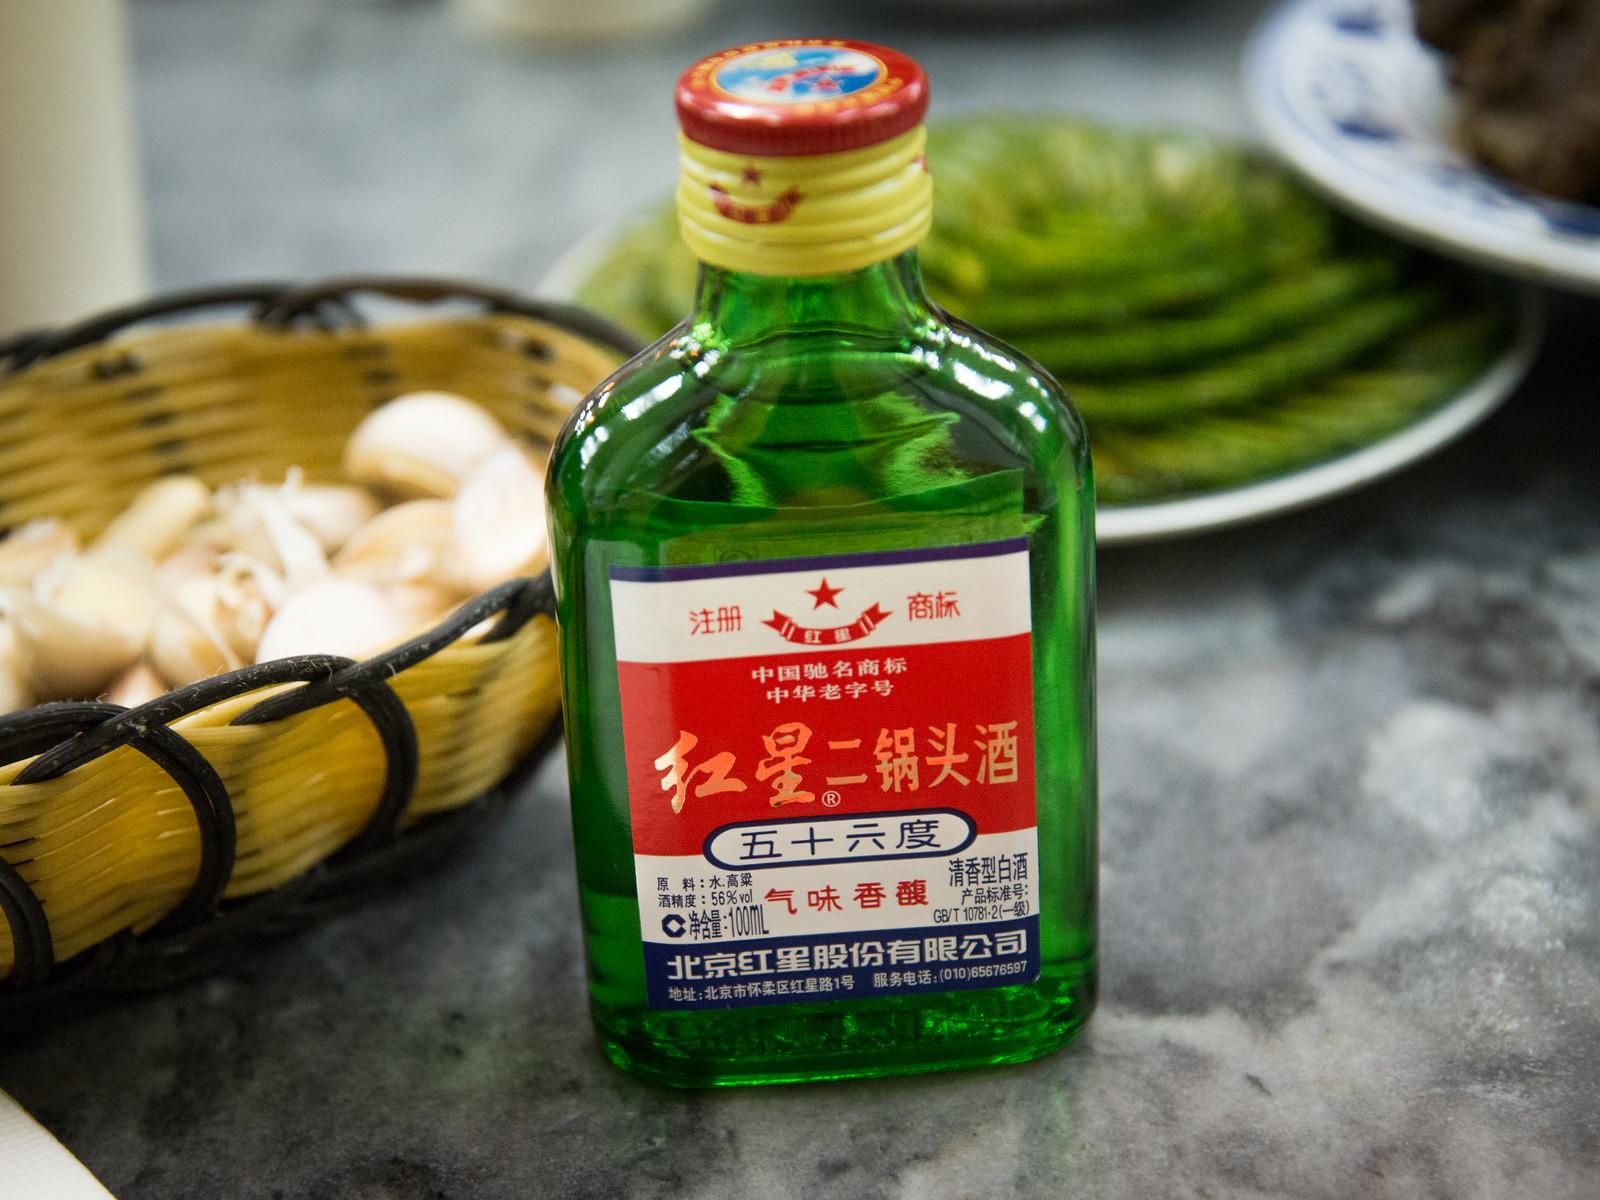 baijiu in beijing china